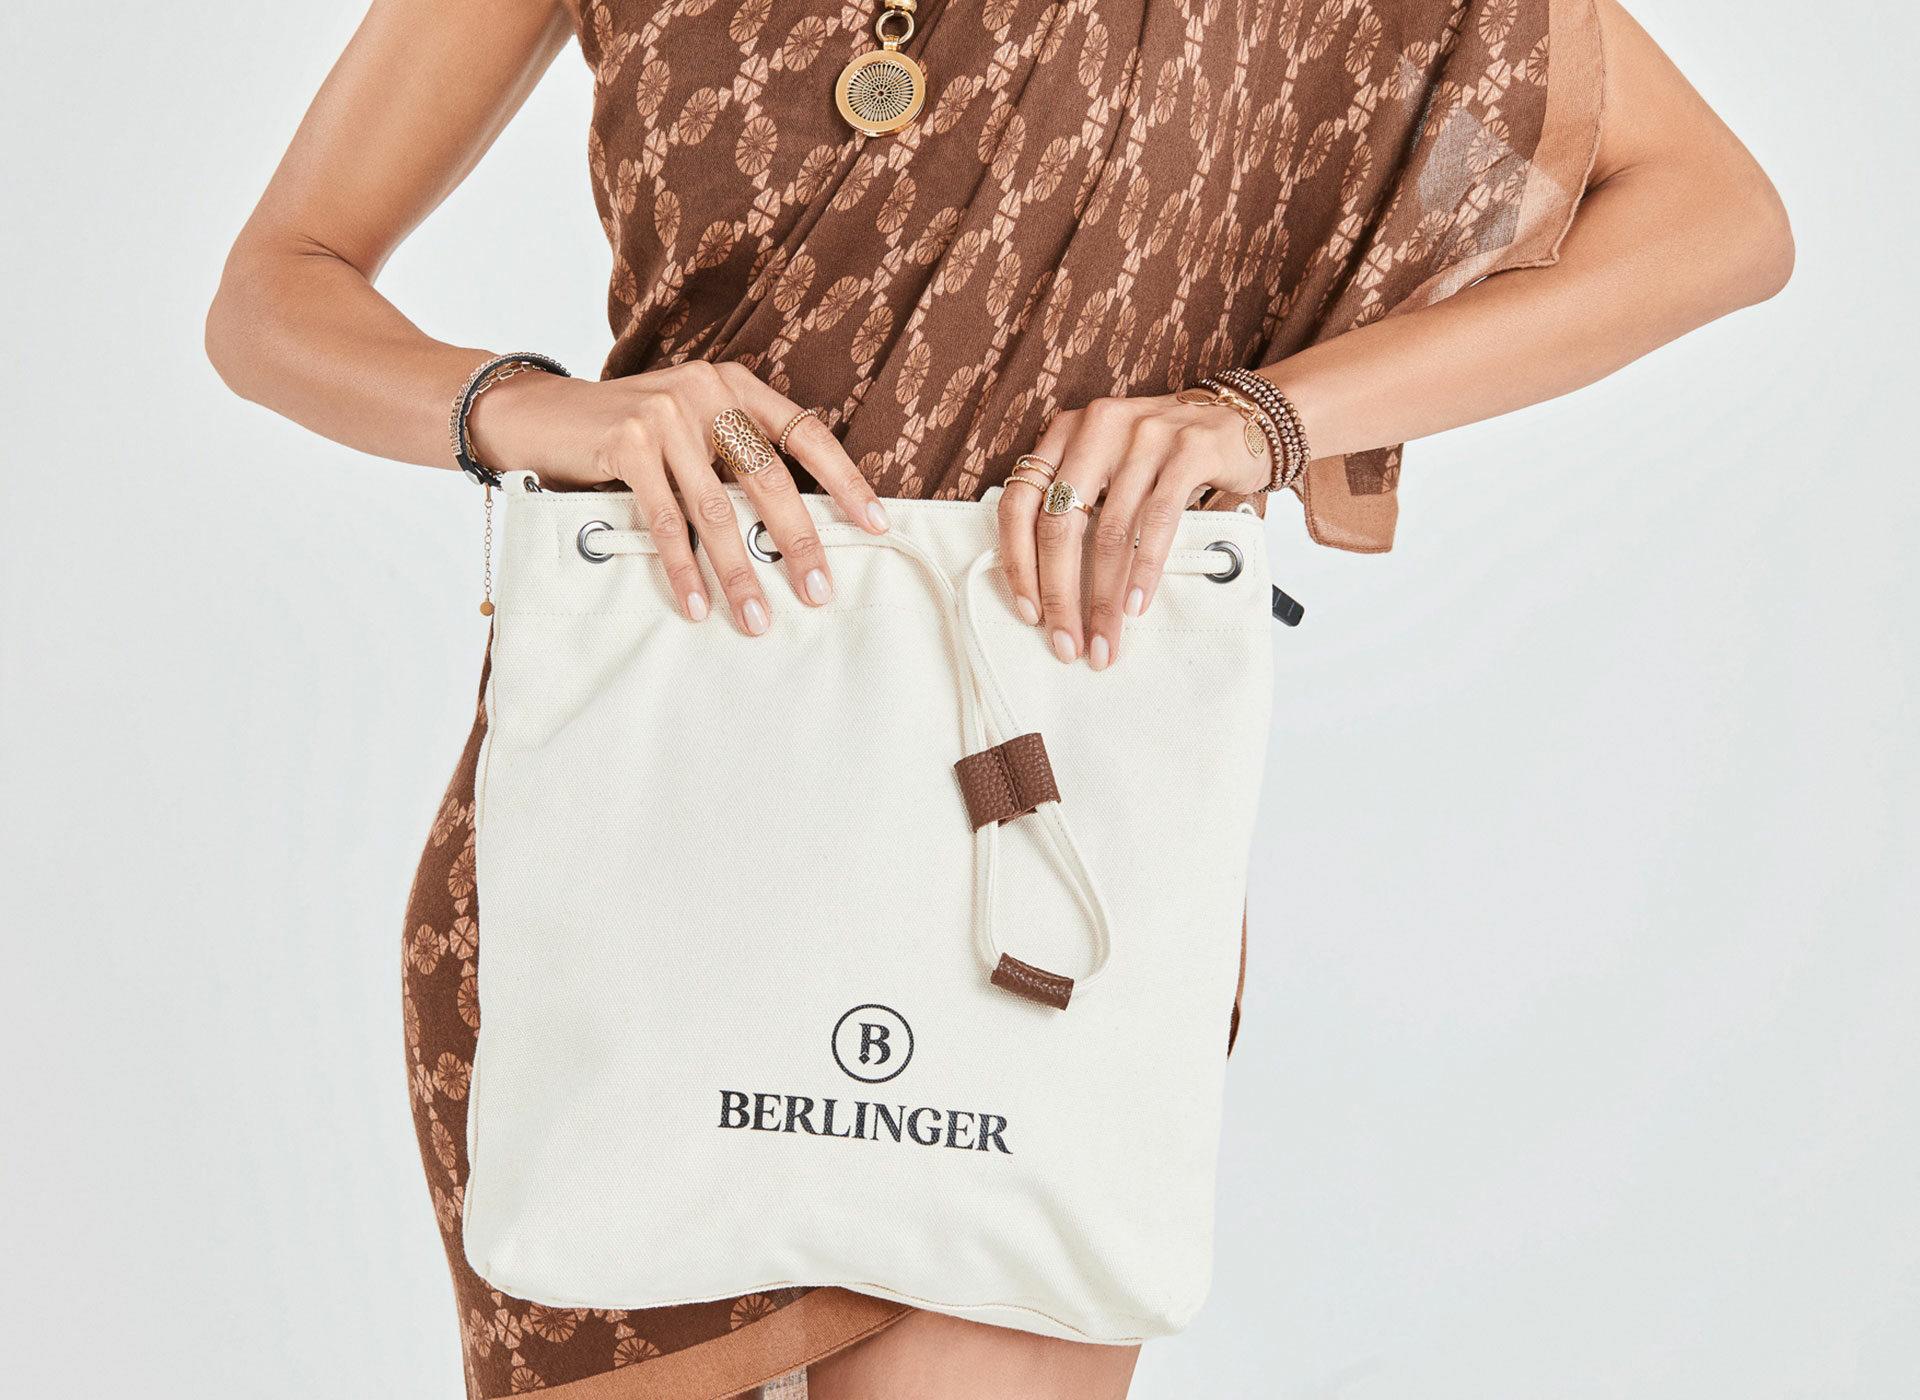 strandbeutel weiss 2 col card - Haus Berlinger